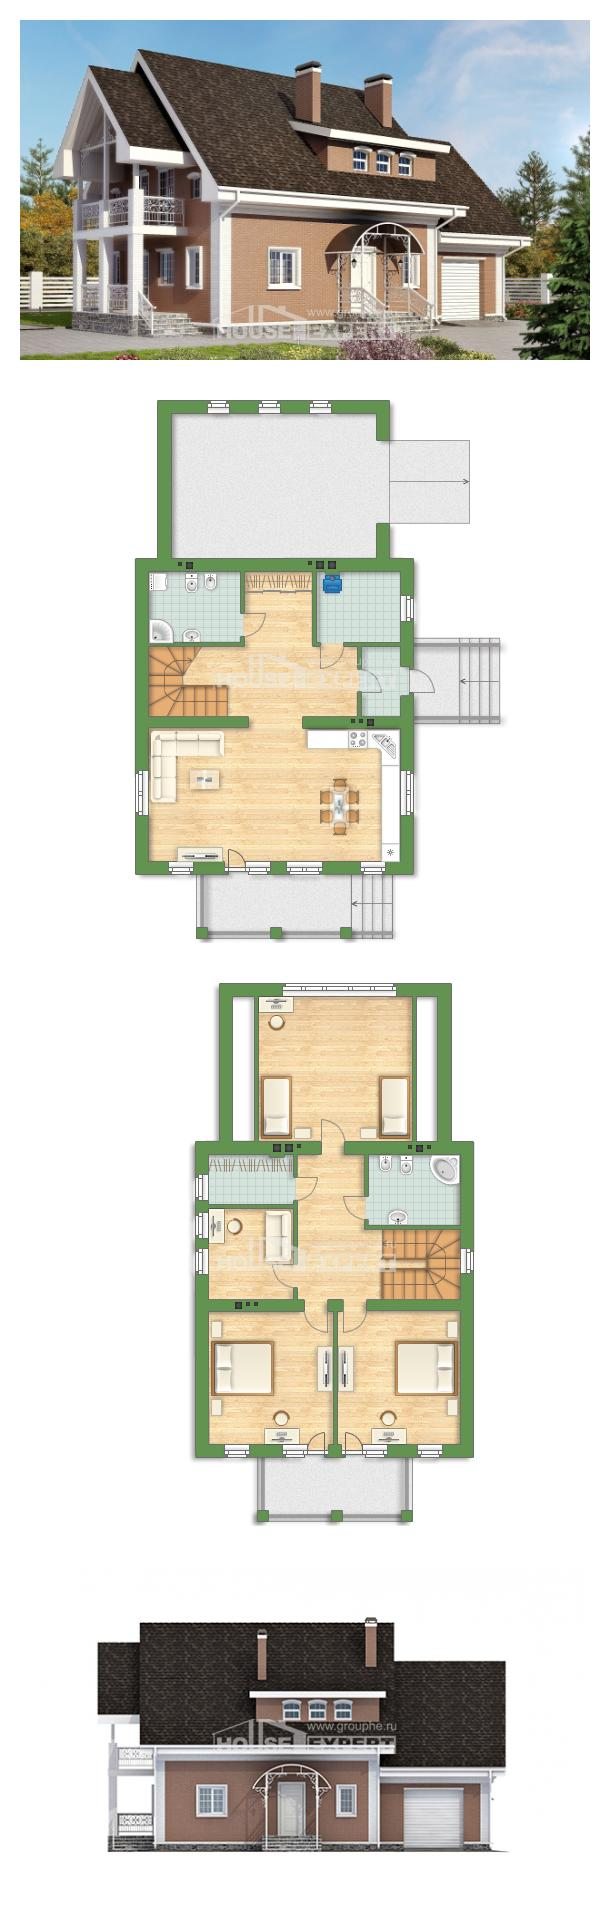 Plan 185-003-R | House Expert